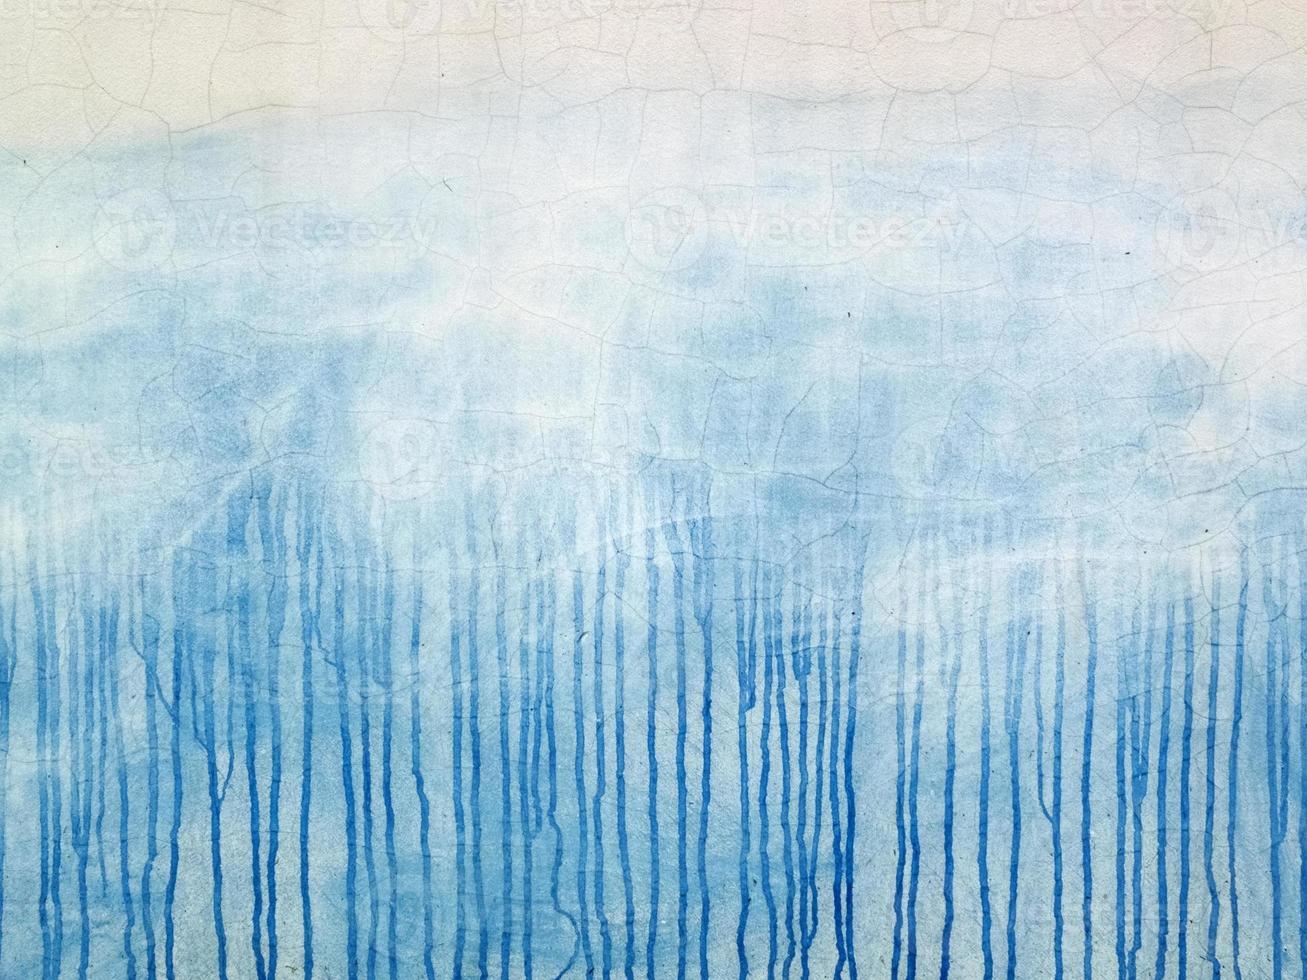 Peinture renversée bleue sur la façade blanche fissurée photo